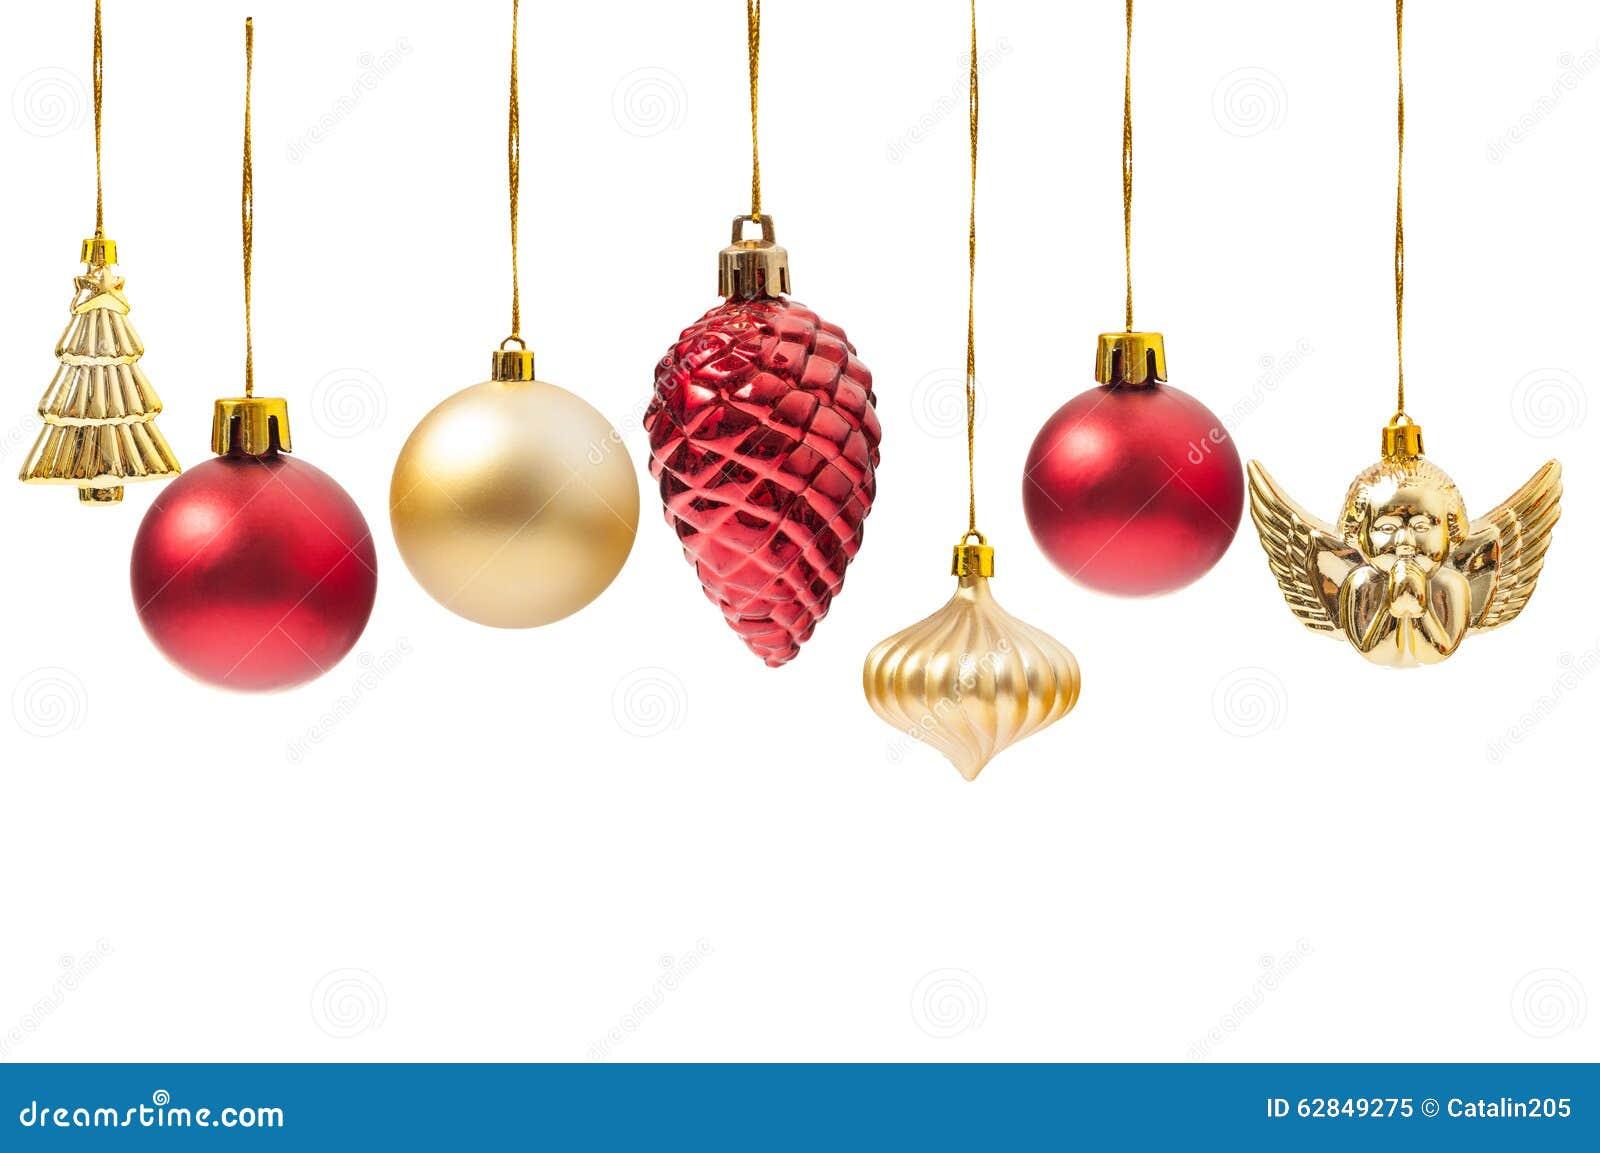 H ngende weihnachtskugeln oder verschiedene dekorationen stockbild bild von golden - Bilder weihnachtskugeln ...